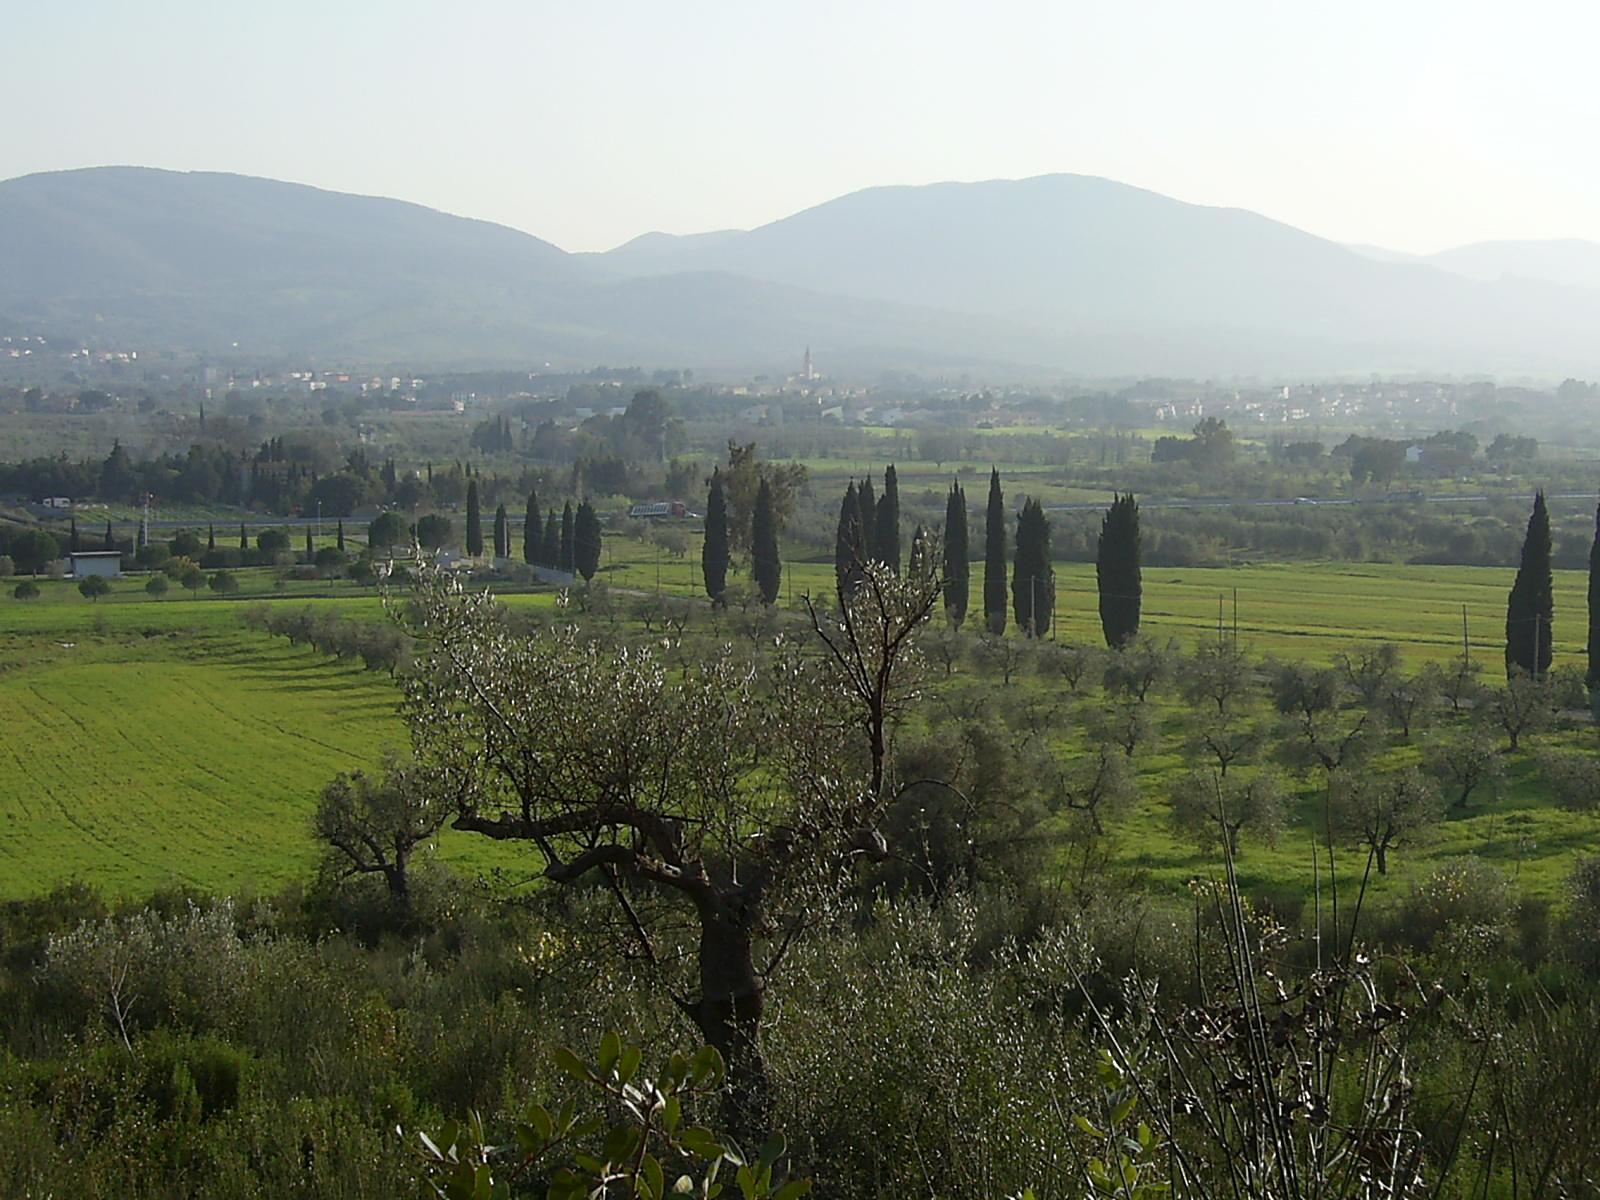 File:Bagno di Gavorrano dalle colline - panoramio.jpg - Wikimedia ...